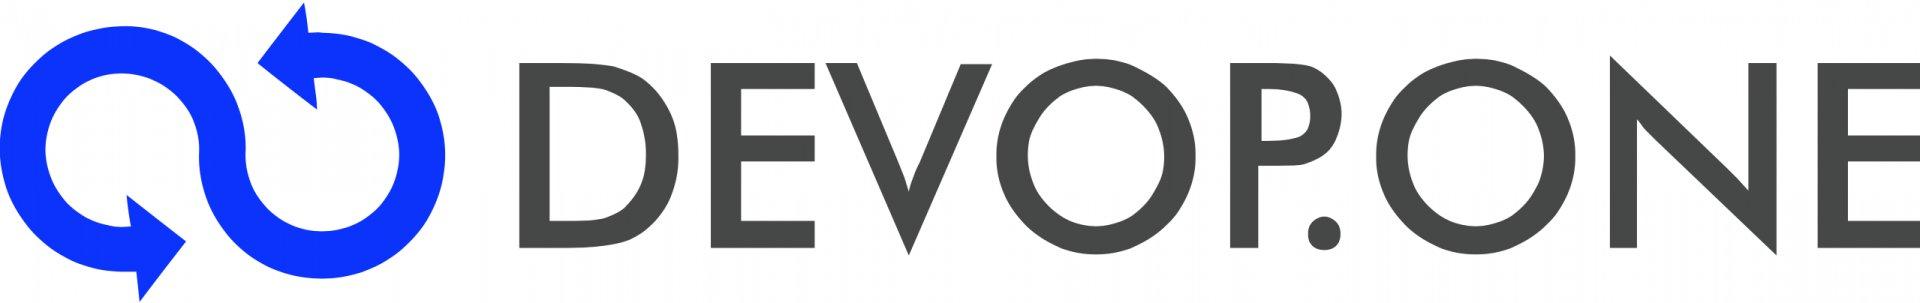 ДевОп.уан logo